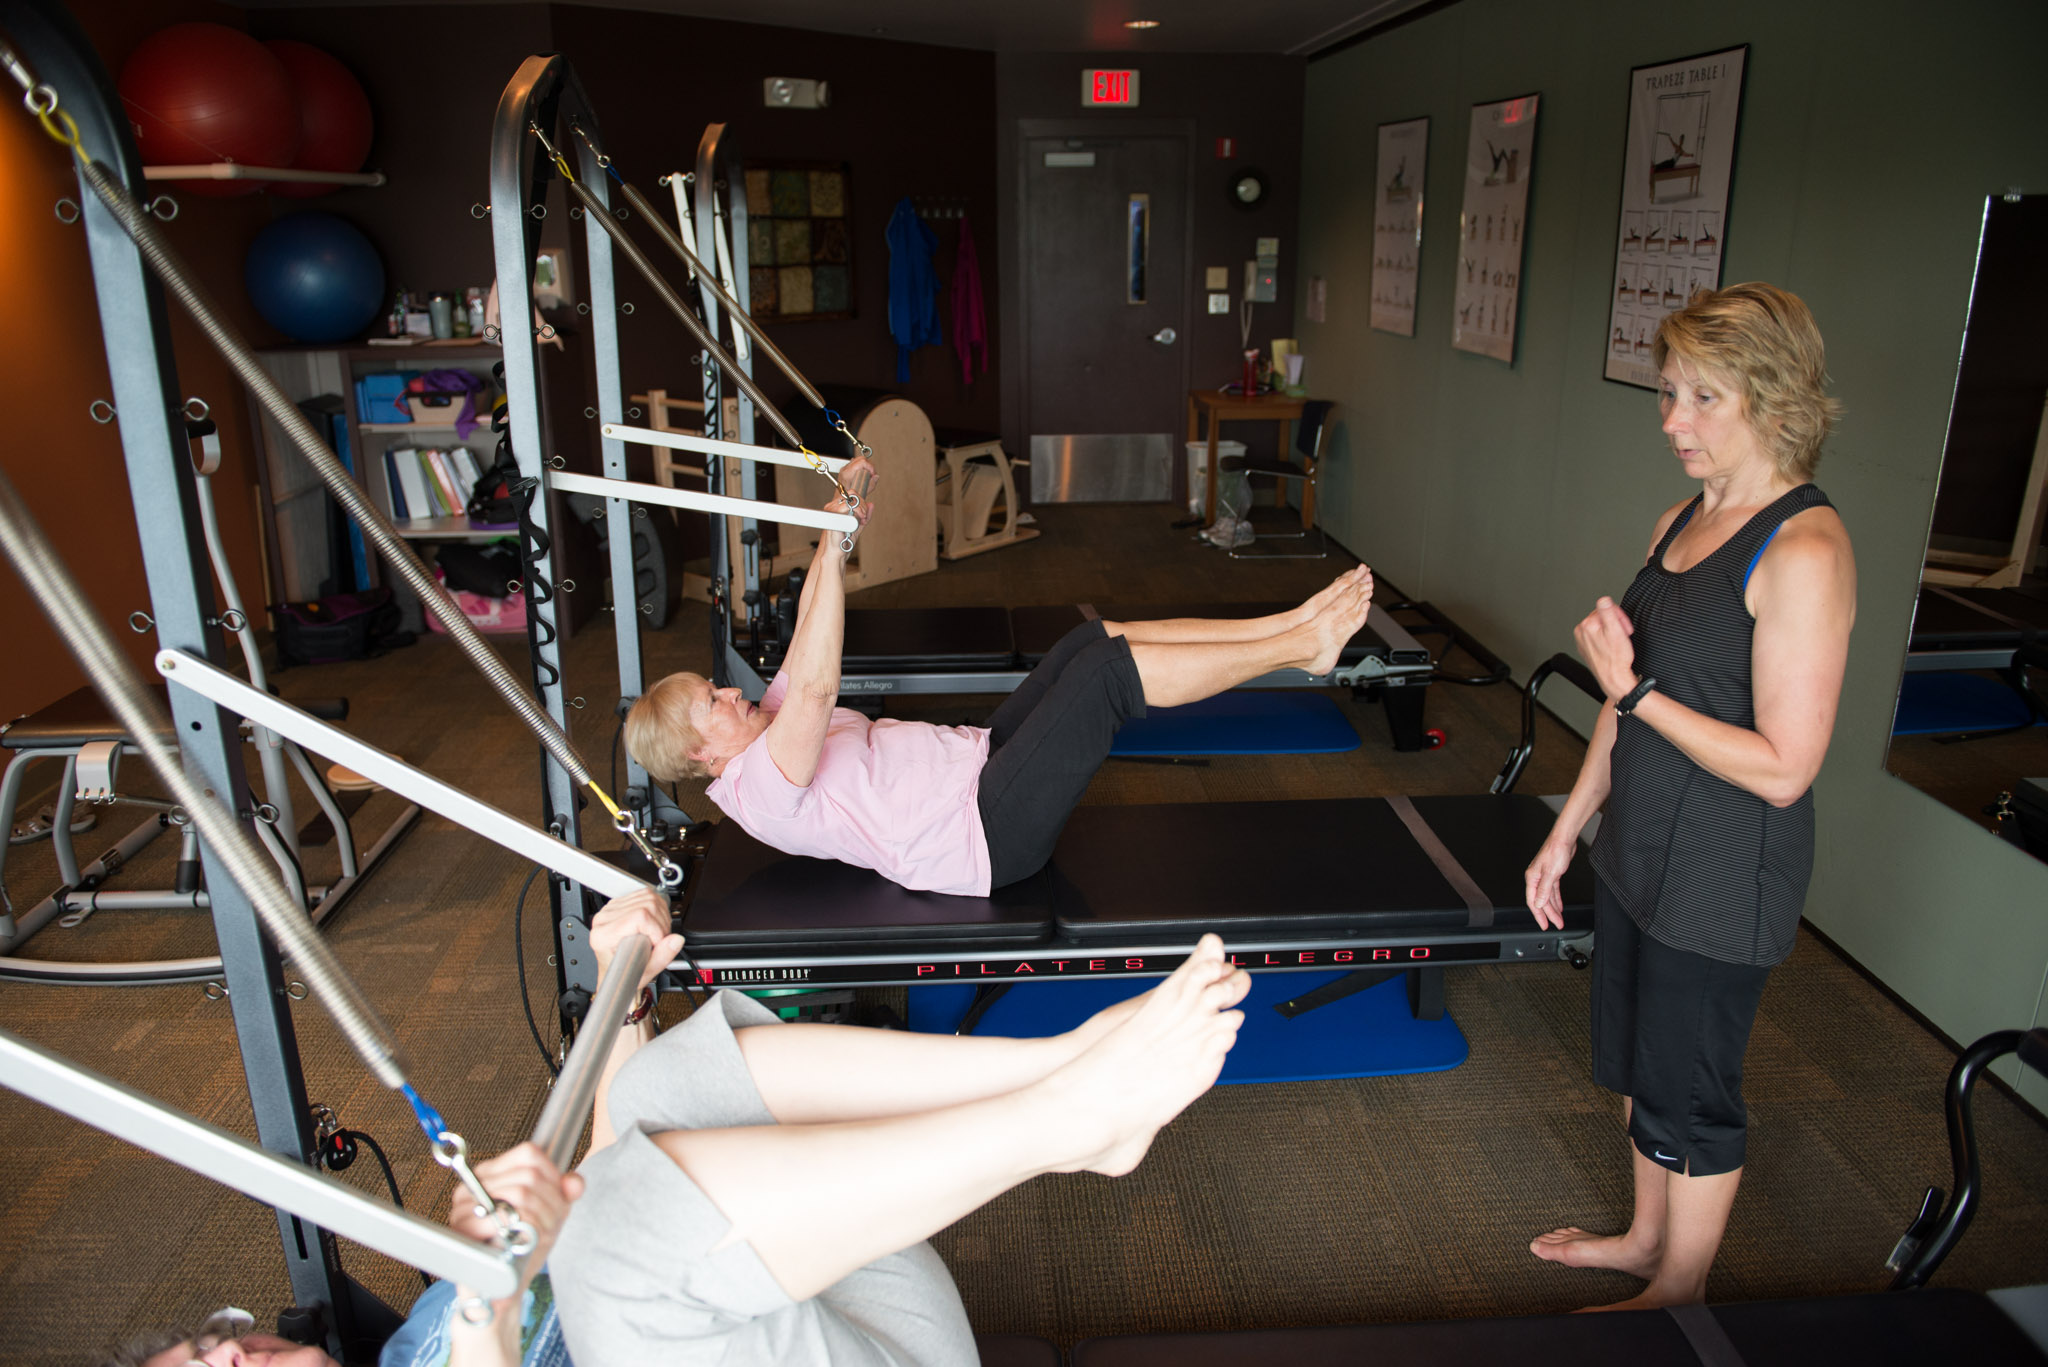 Wellness Center Stock Photos-1332.jpg